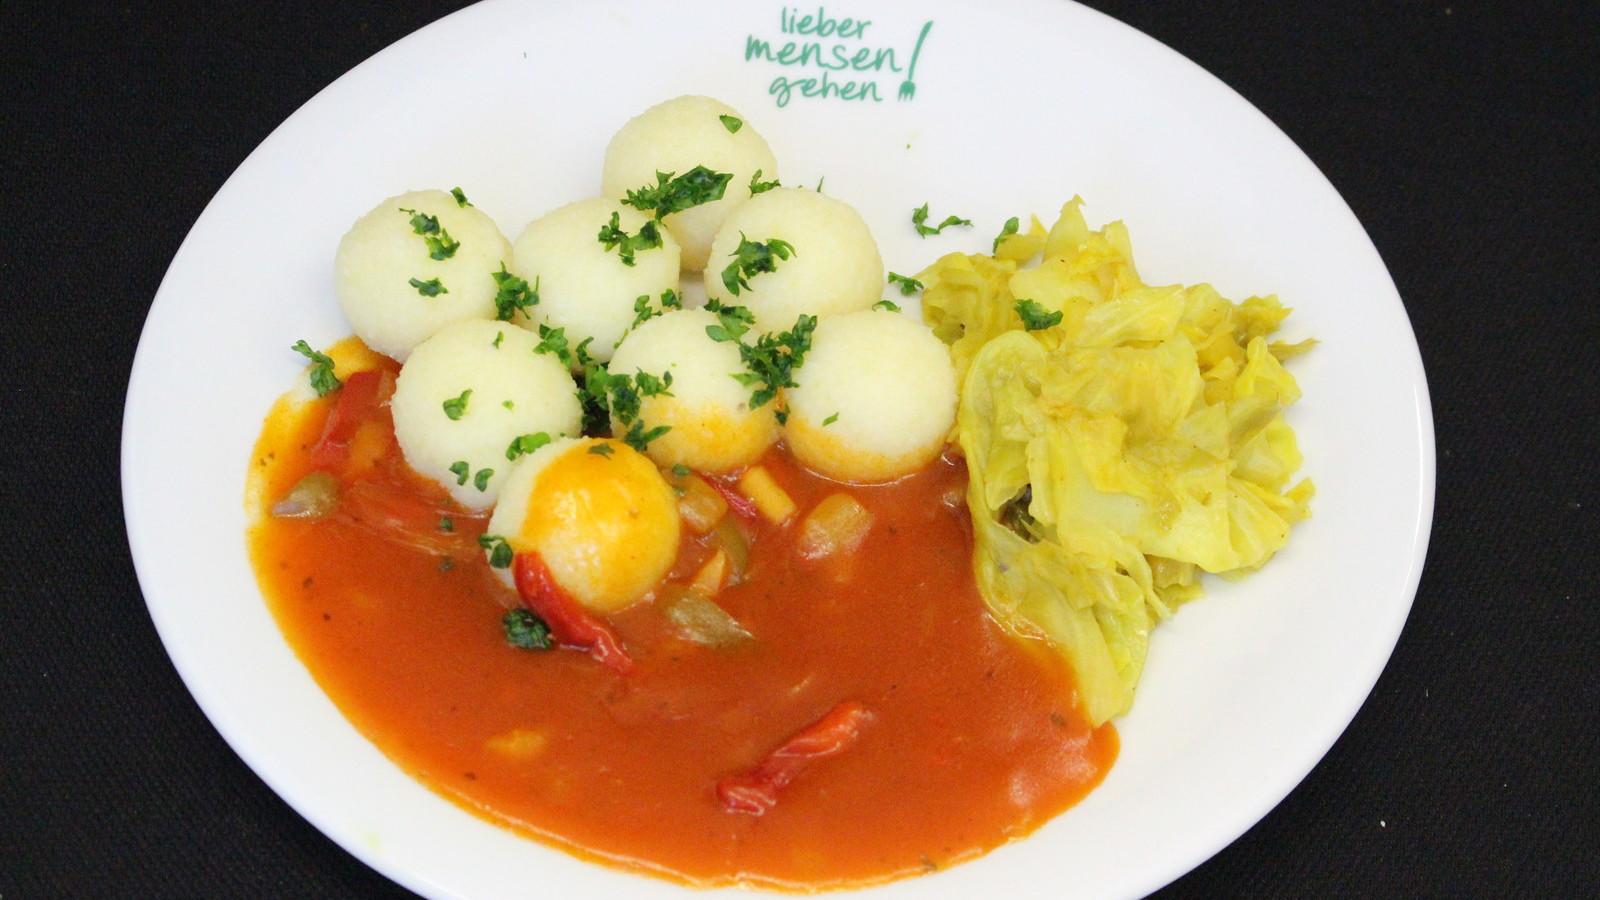 Gratinierte Hähnchenbrust mit Paprika, Tomaten, Oliven und Hirtenkäse oderHähnchenschnitzel mit Paprikasoße und Spitzkohl-Apfel-Currygemüse, dazu Reis